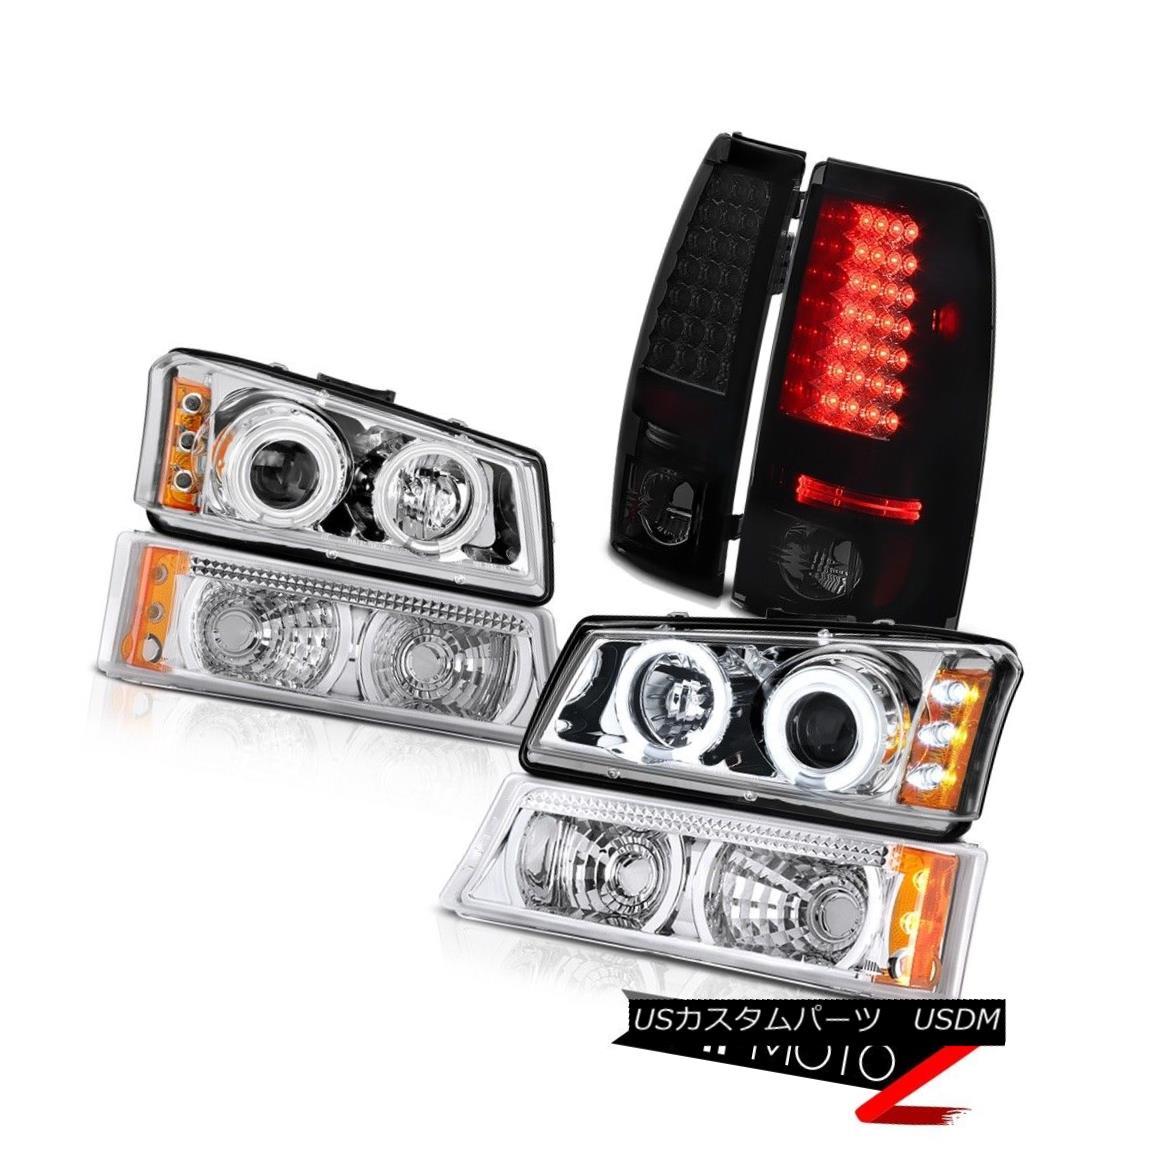 テールライト 03-06 Chevy Silverado CCFL Chrome Halo Headlight Euro Signal Bright LED Taillamp 03-06 Chevy Silverado CCFL Chrome HaloヘッドライトユーロシグナルブライトLEDランプ